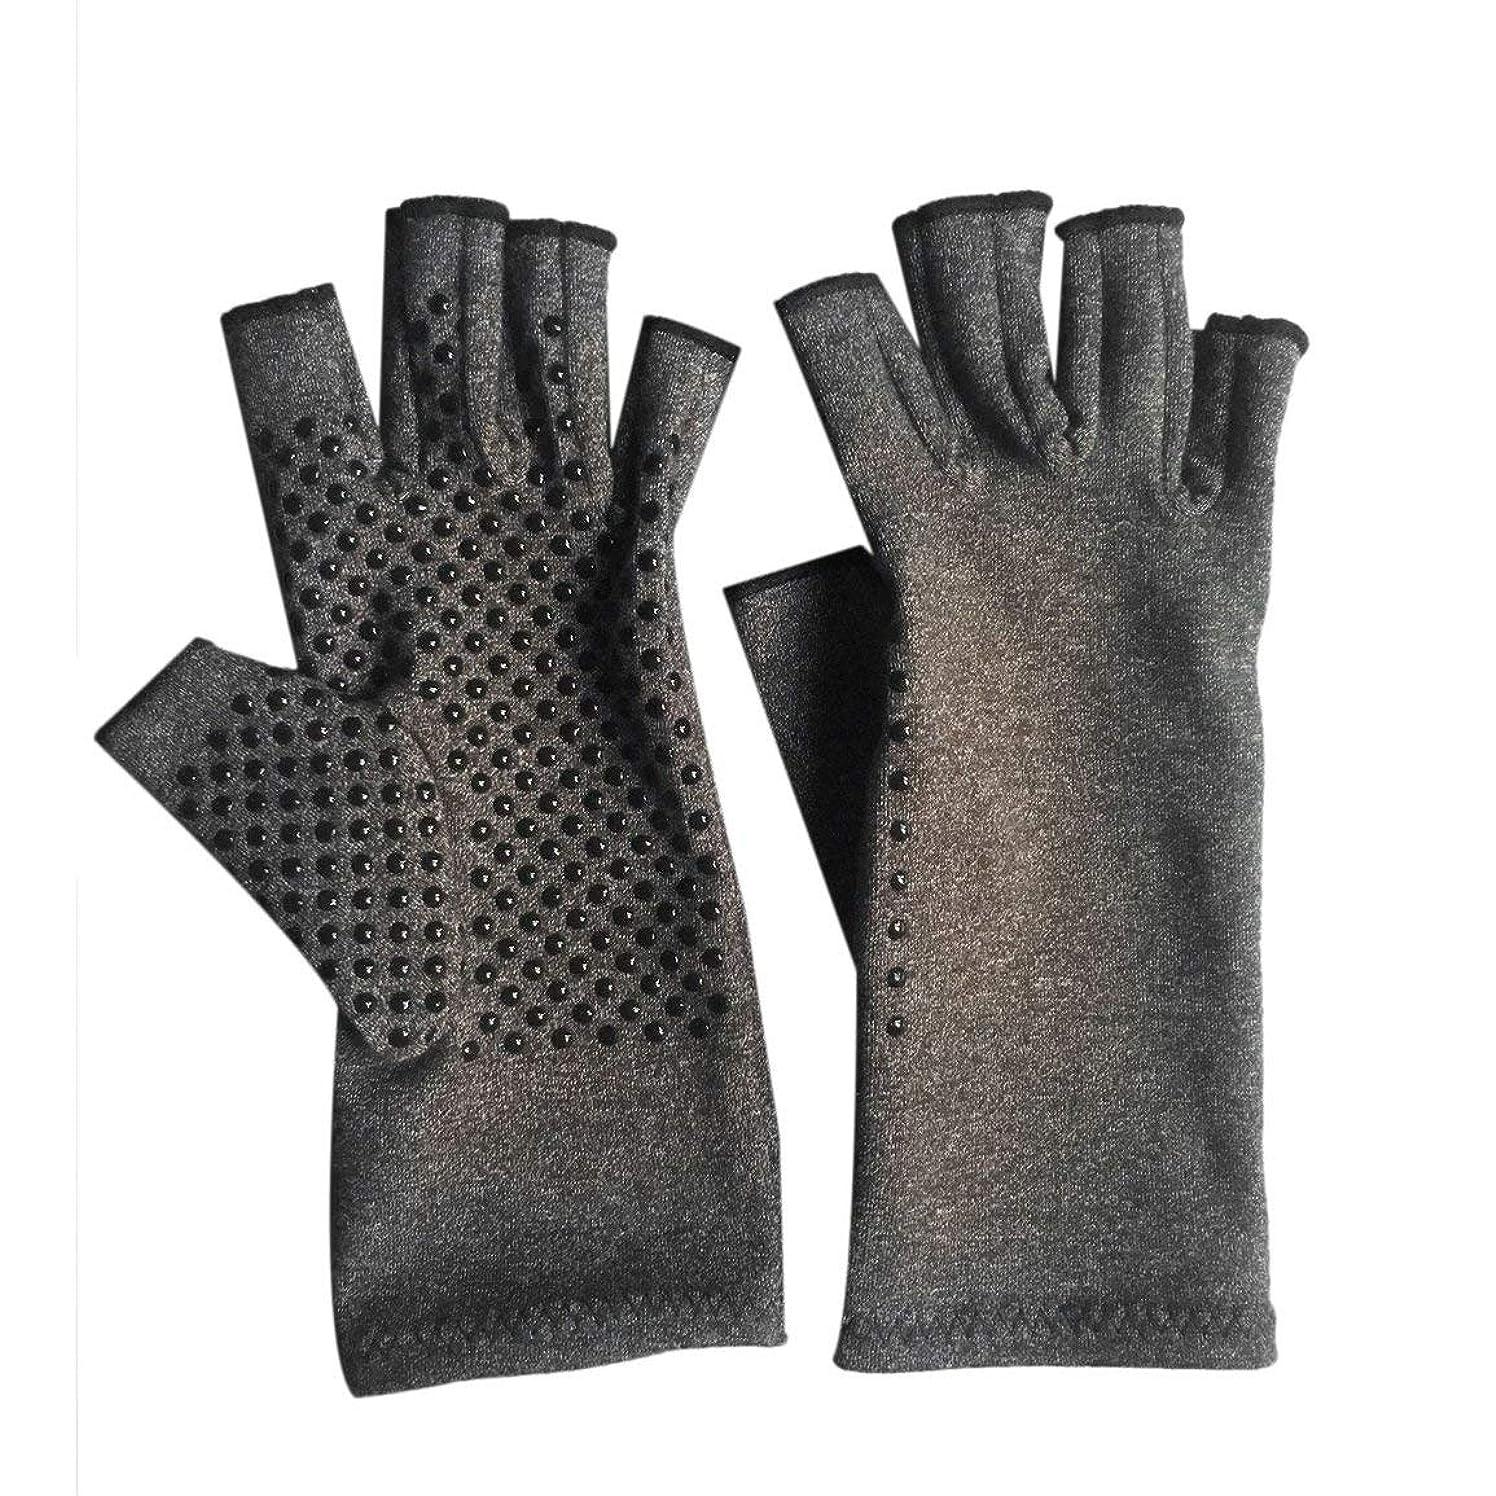 お願いします小売セットする1ペアユニセックス男性女性療法圧縮手袋関節炎関節痛緩和ヘルスケア半指手袋トレーニング手袋 - グレーM